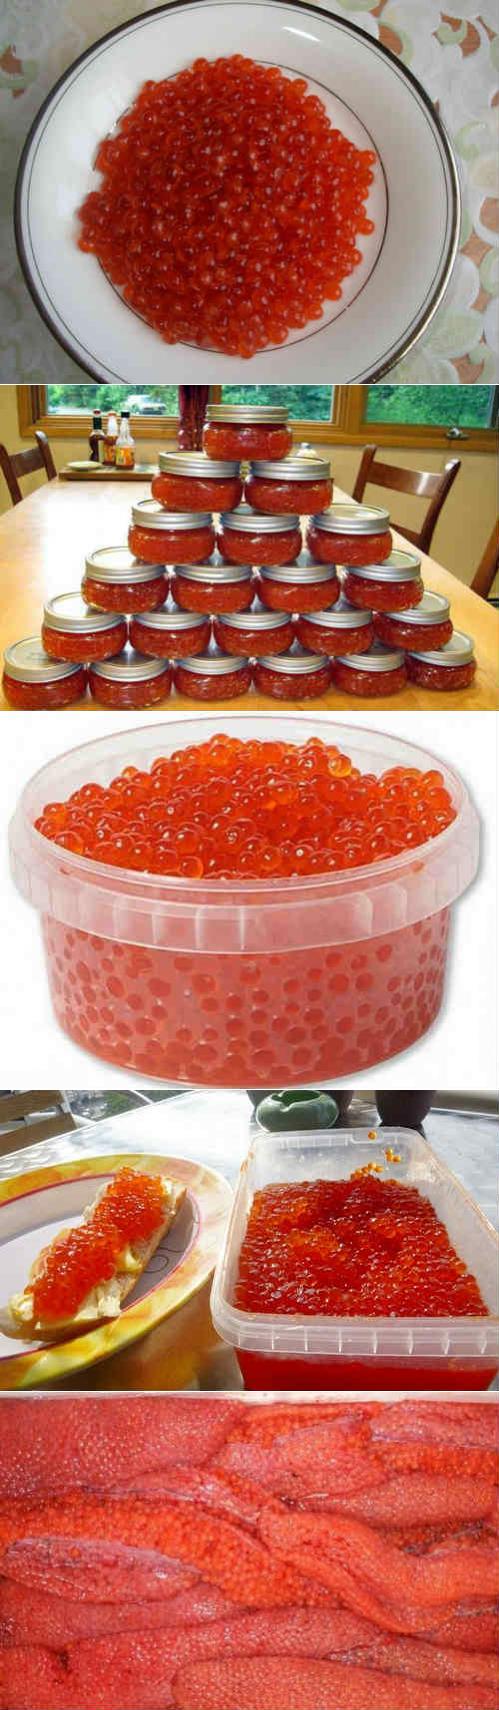 Способы засолить красную икру форели в домашних условиях